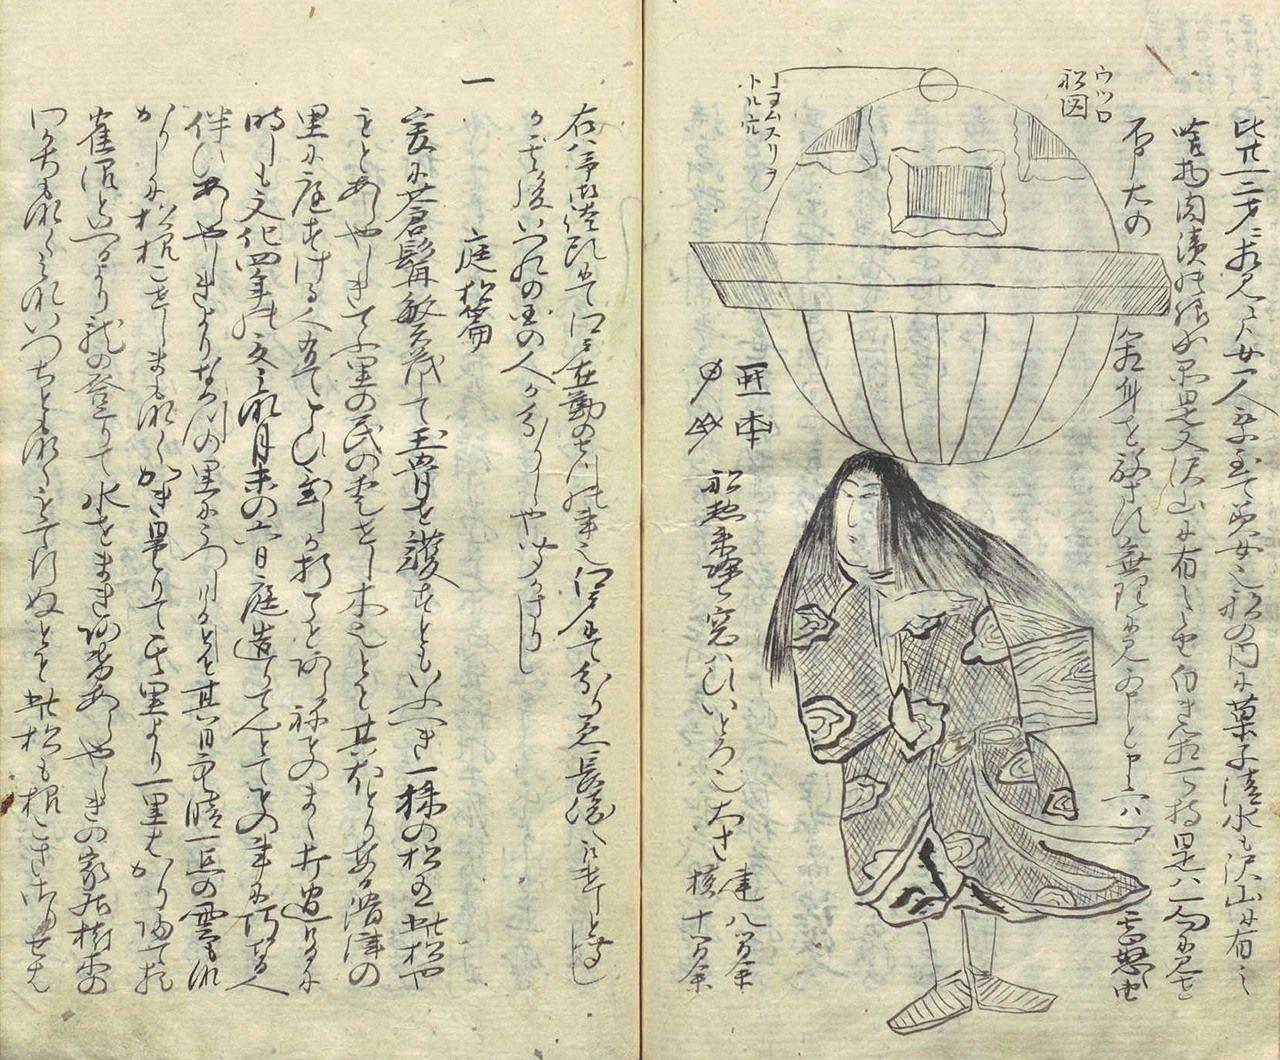 Από το Ōshuku zakki (Ōshuku Notes; περίπου το 1815) από τον Komai Norimura, υποτελή του ισχυρού daimyō Matsudaira Sadanobu. (Ευγενική προσφορά Εθνική Βιβλιοθήκη Διατροφής)